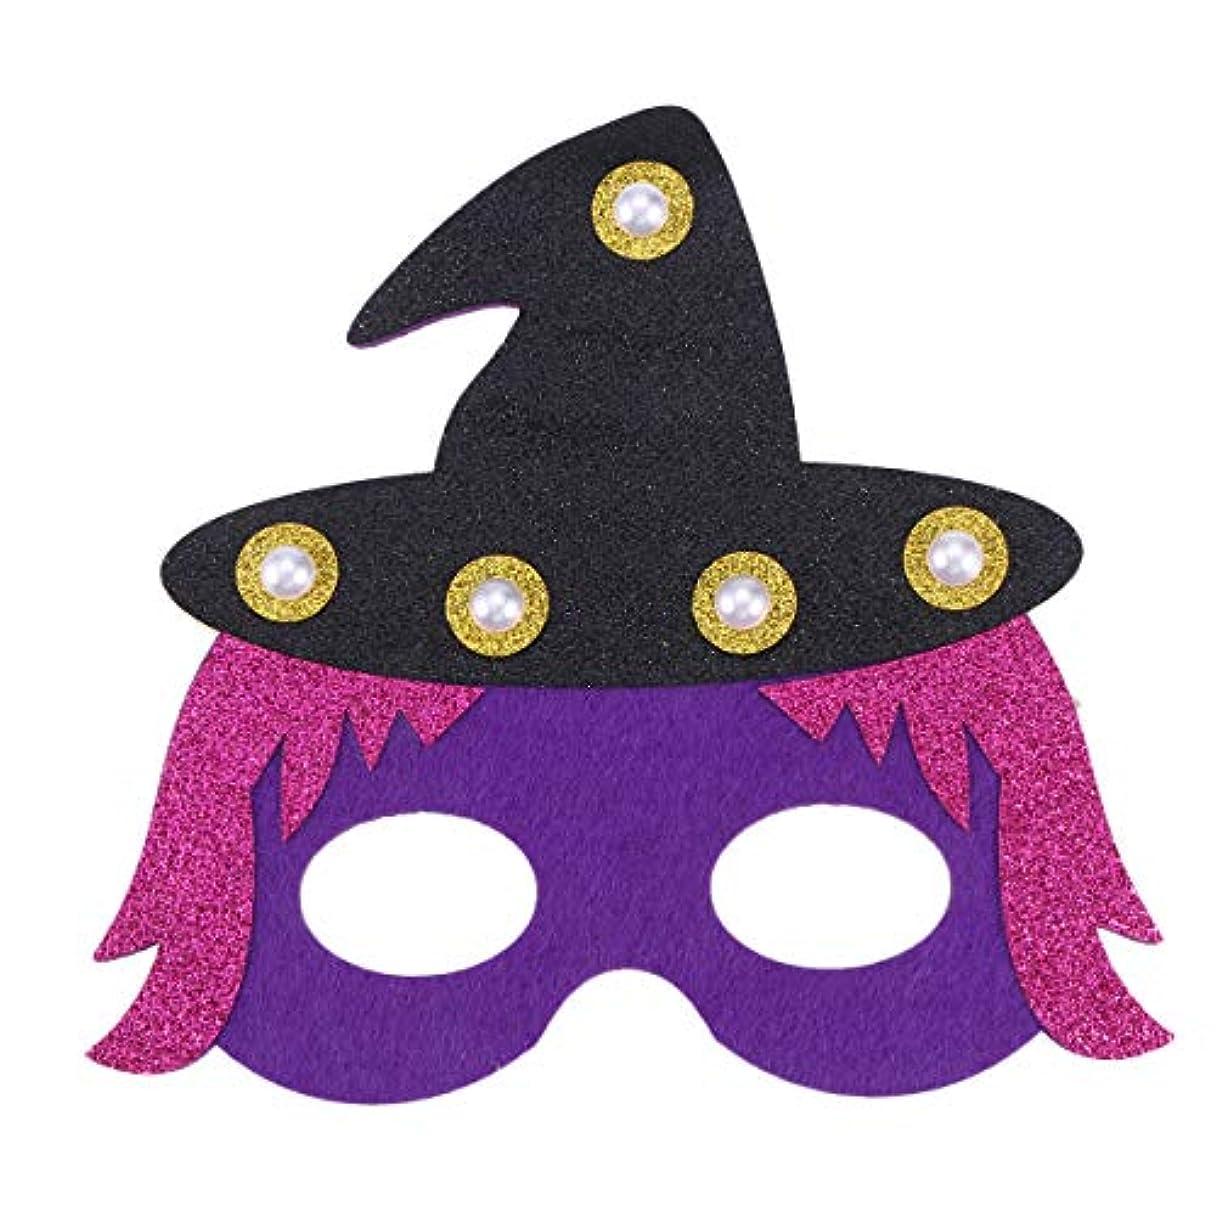 増幅する再生供給Lurrose ハロウィンマスクドレスアップフェルトアイマスクled不織布アイマスク子供用大人マスカレードパーティーコスプレ写真小道具